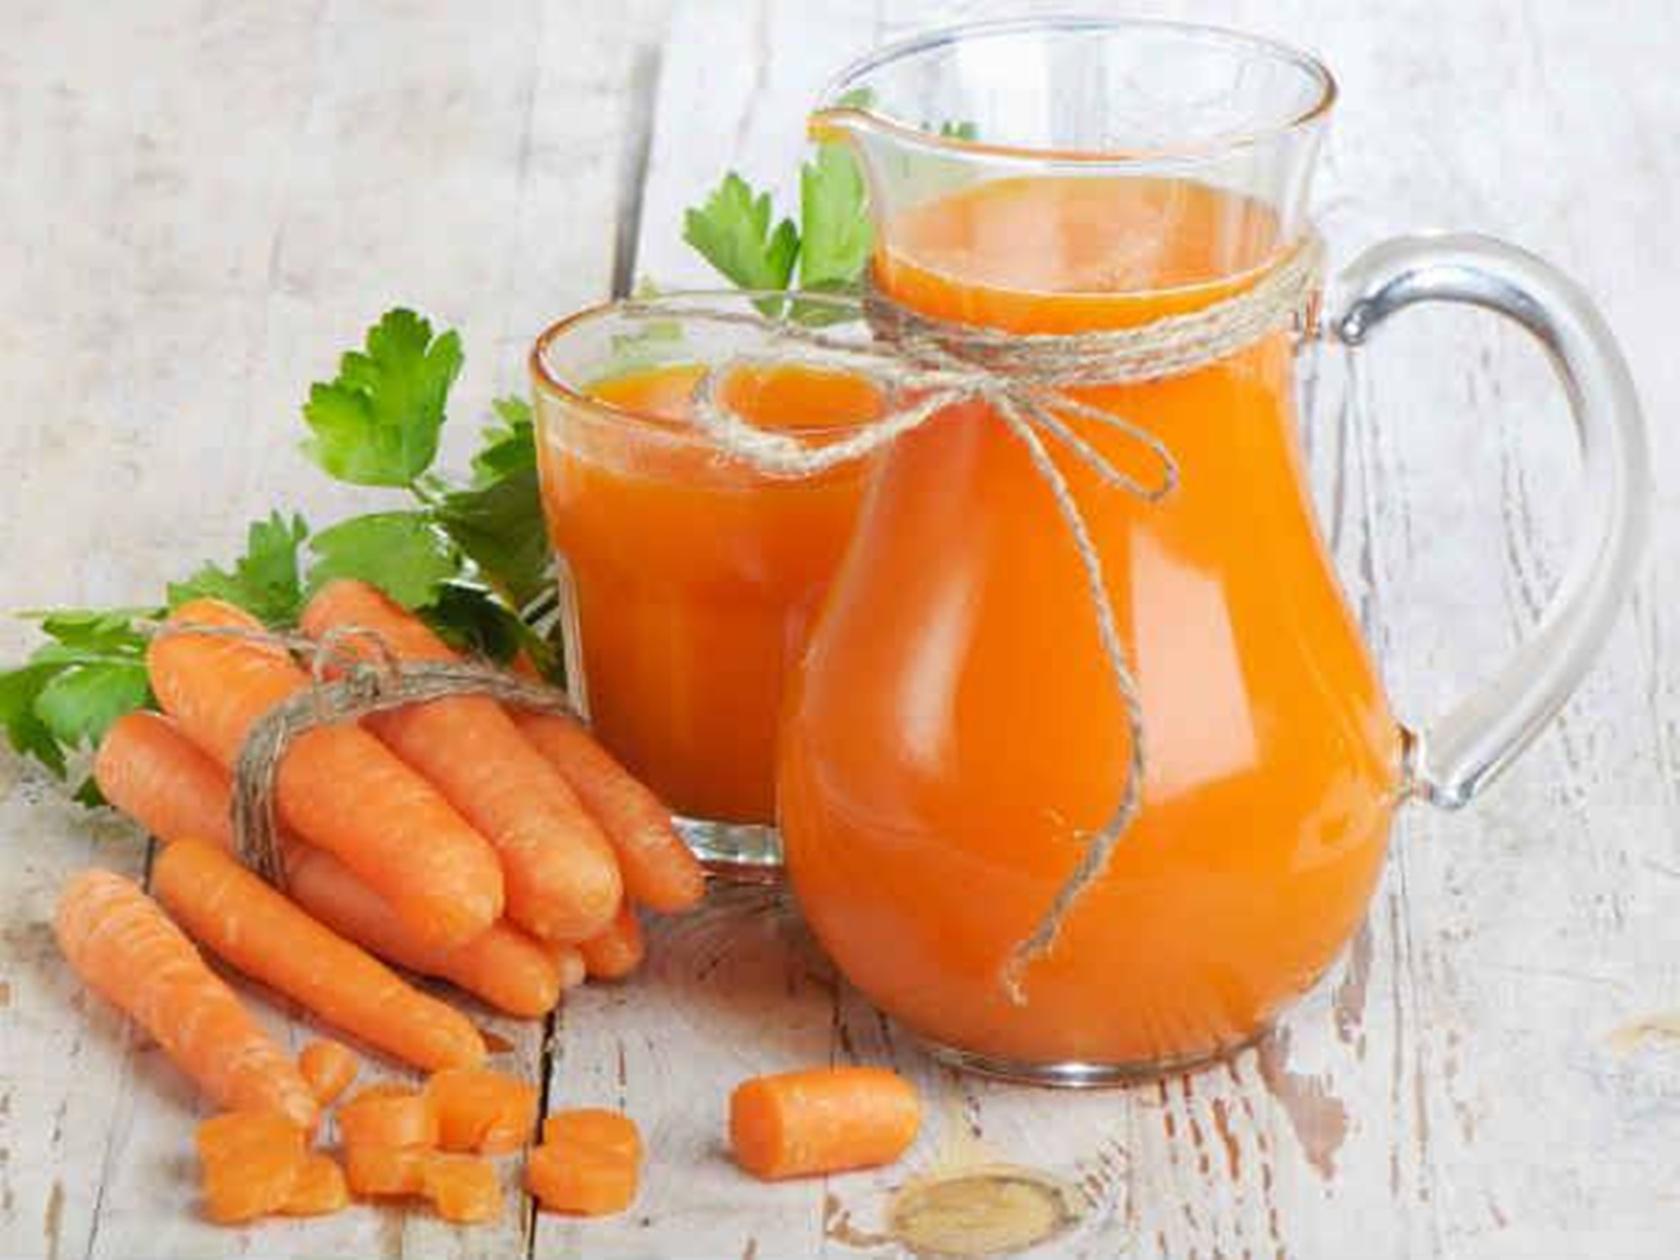 сок моркови лечебные свойства